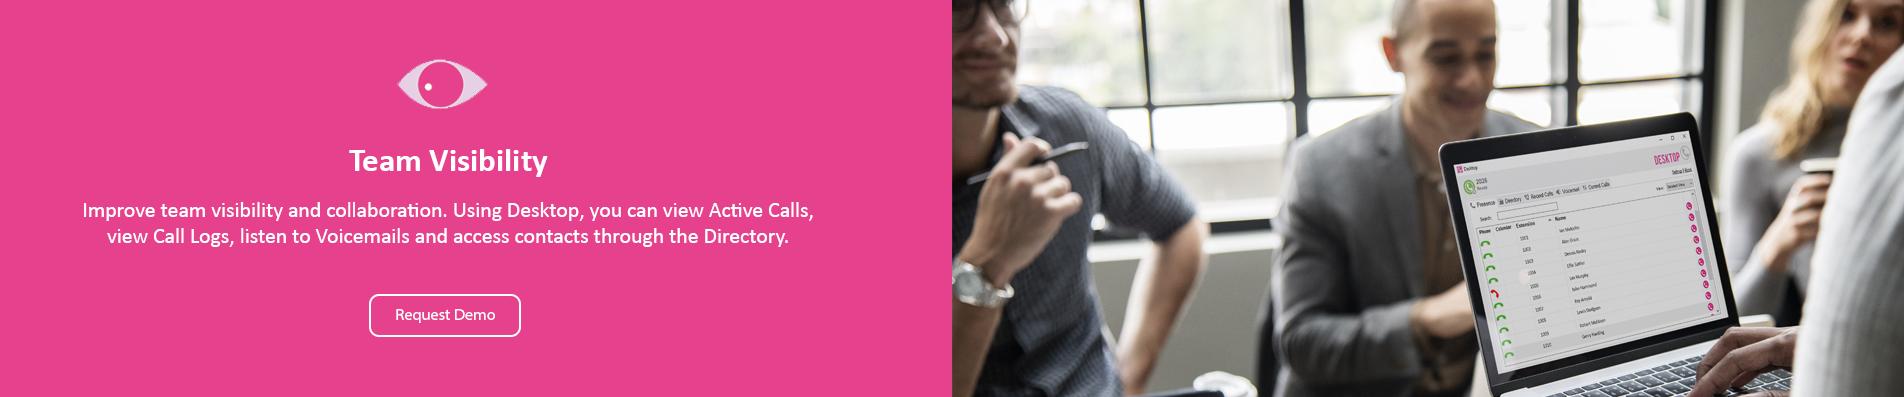 Team Visability Hello Telecom Contrex Desktop